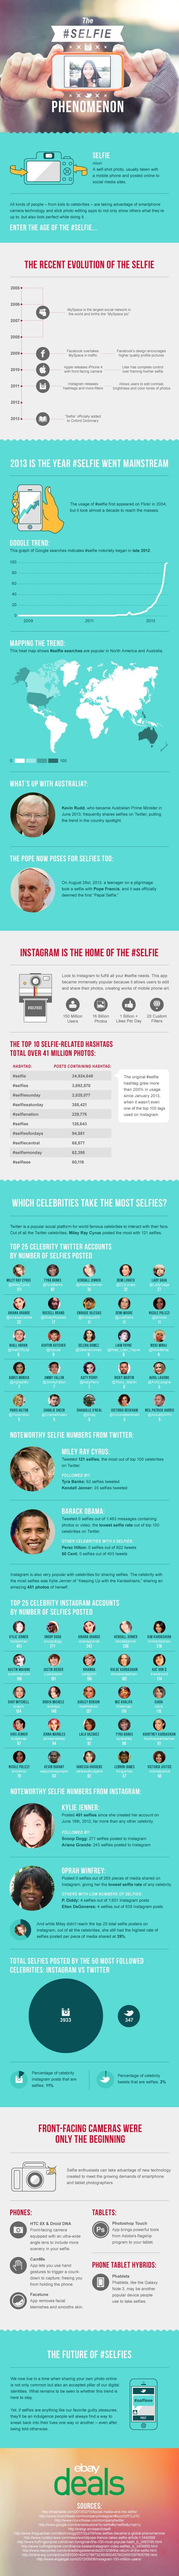 The-Selfie-Phenomenon #Infographic